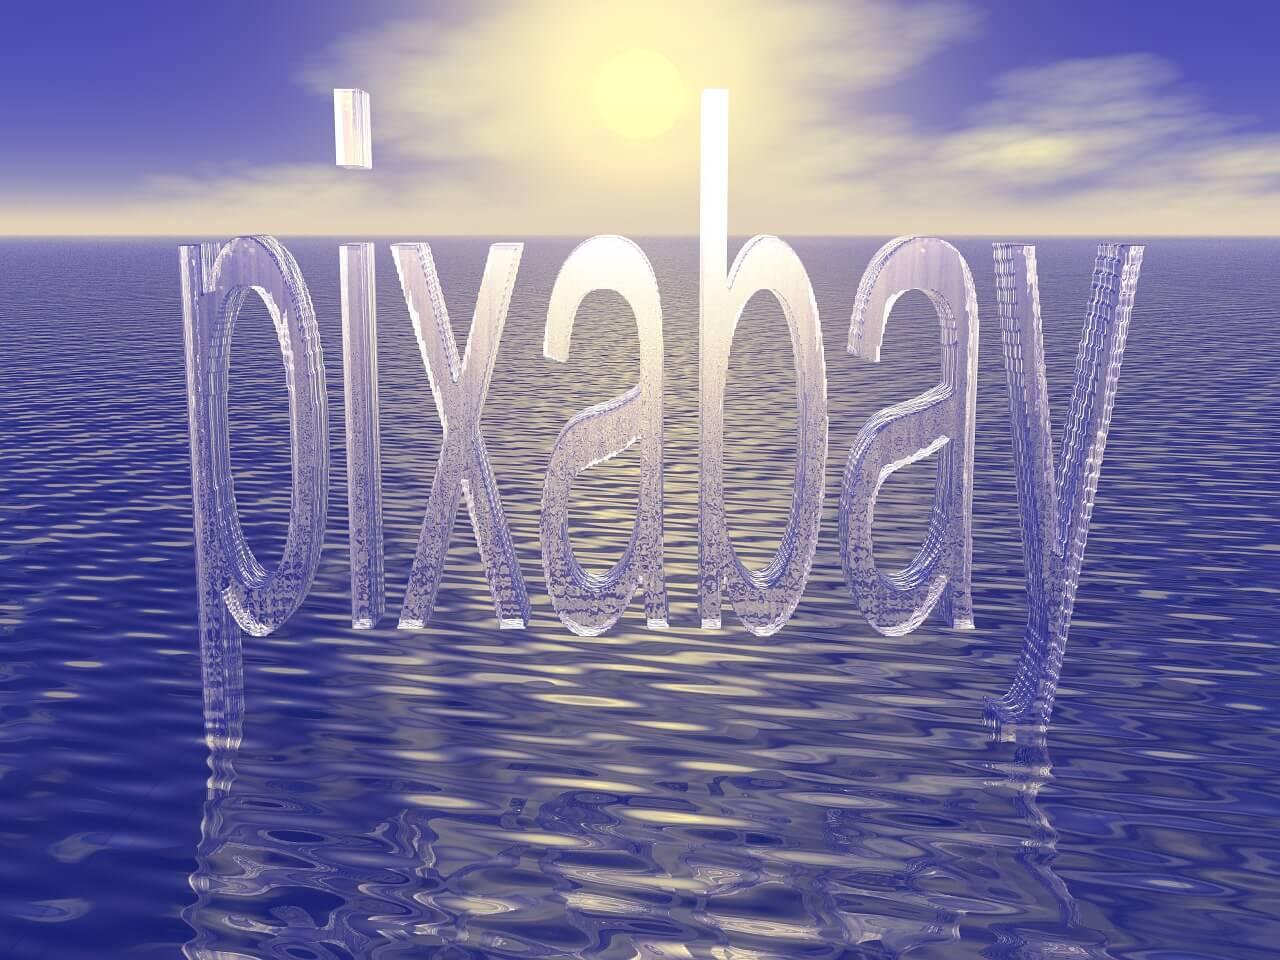 pixabay-image